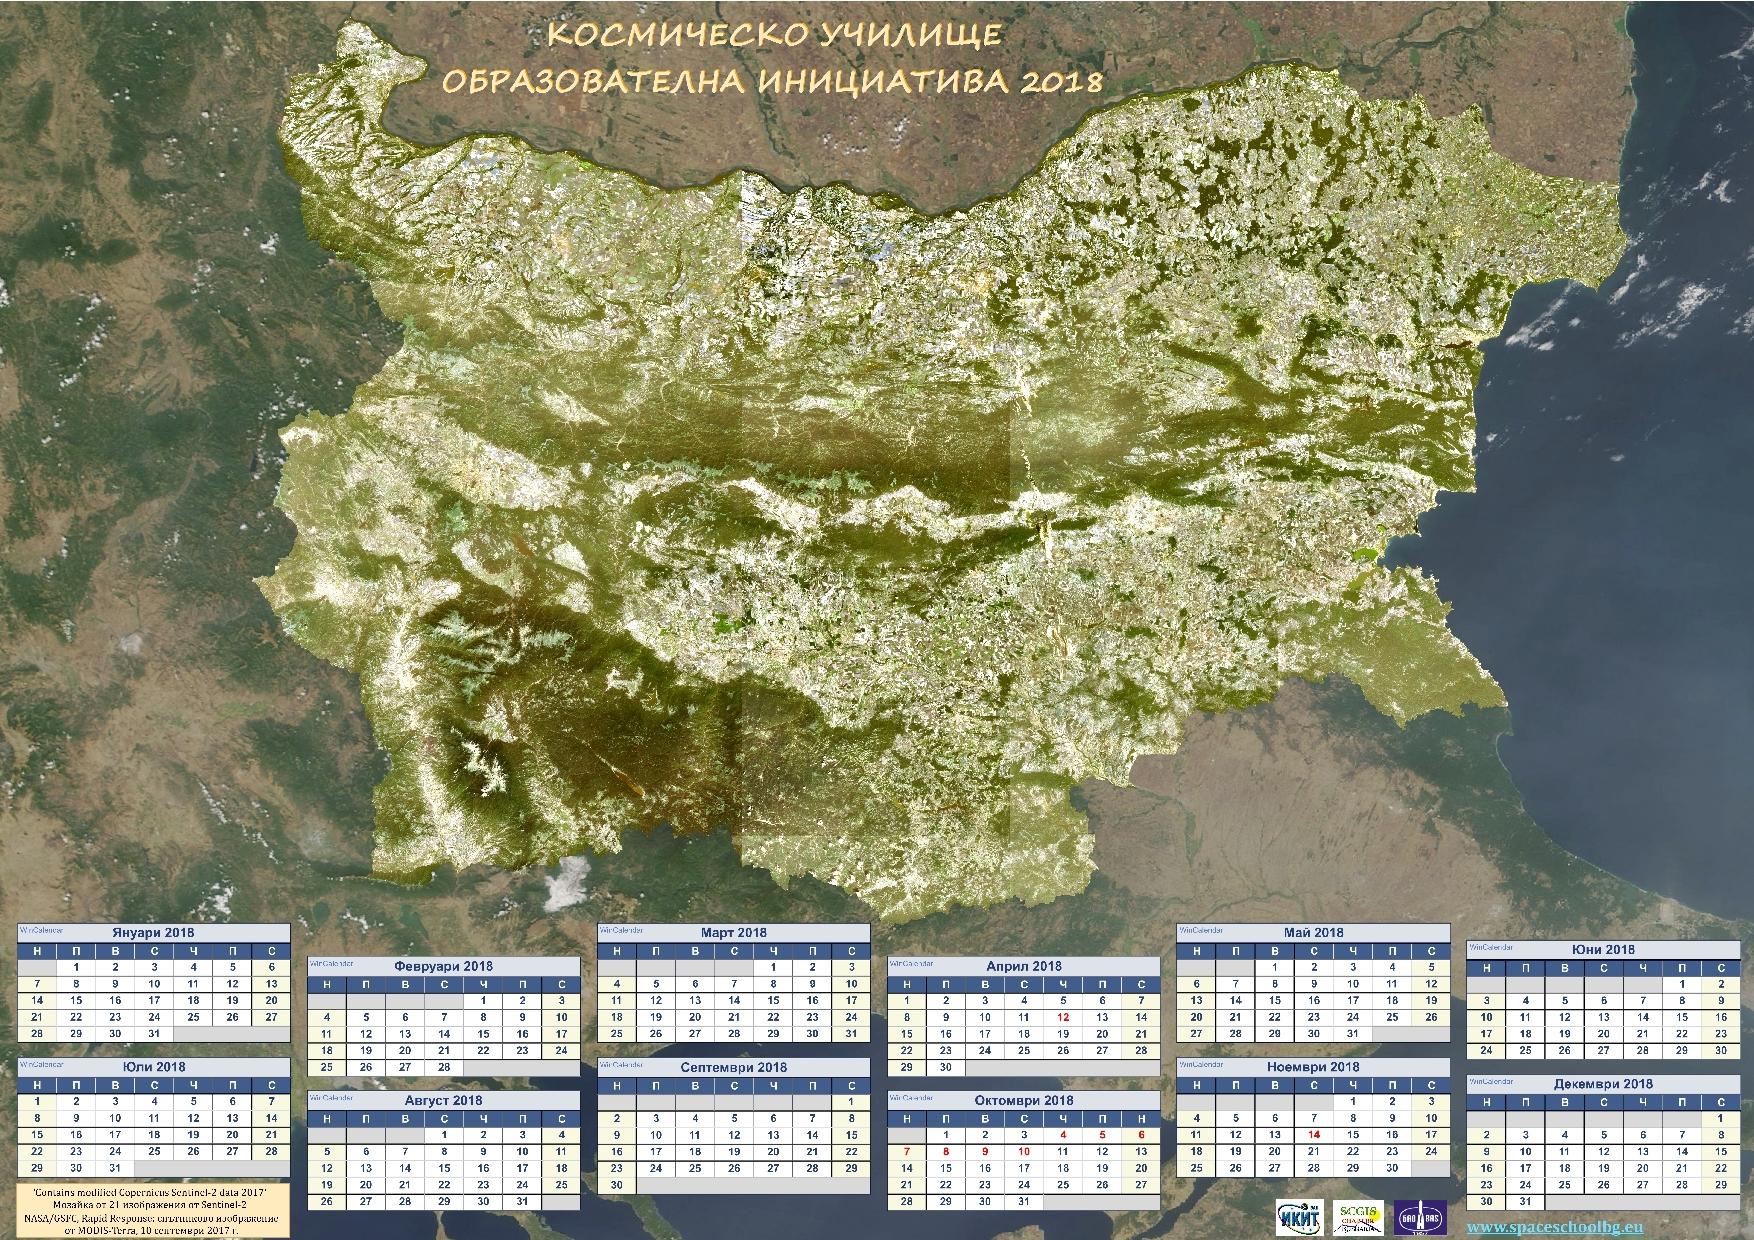 """Календар """"Космическо училище"""" 2018"""